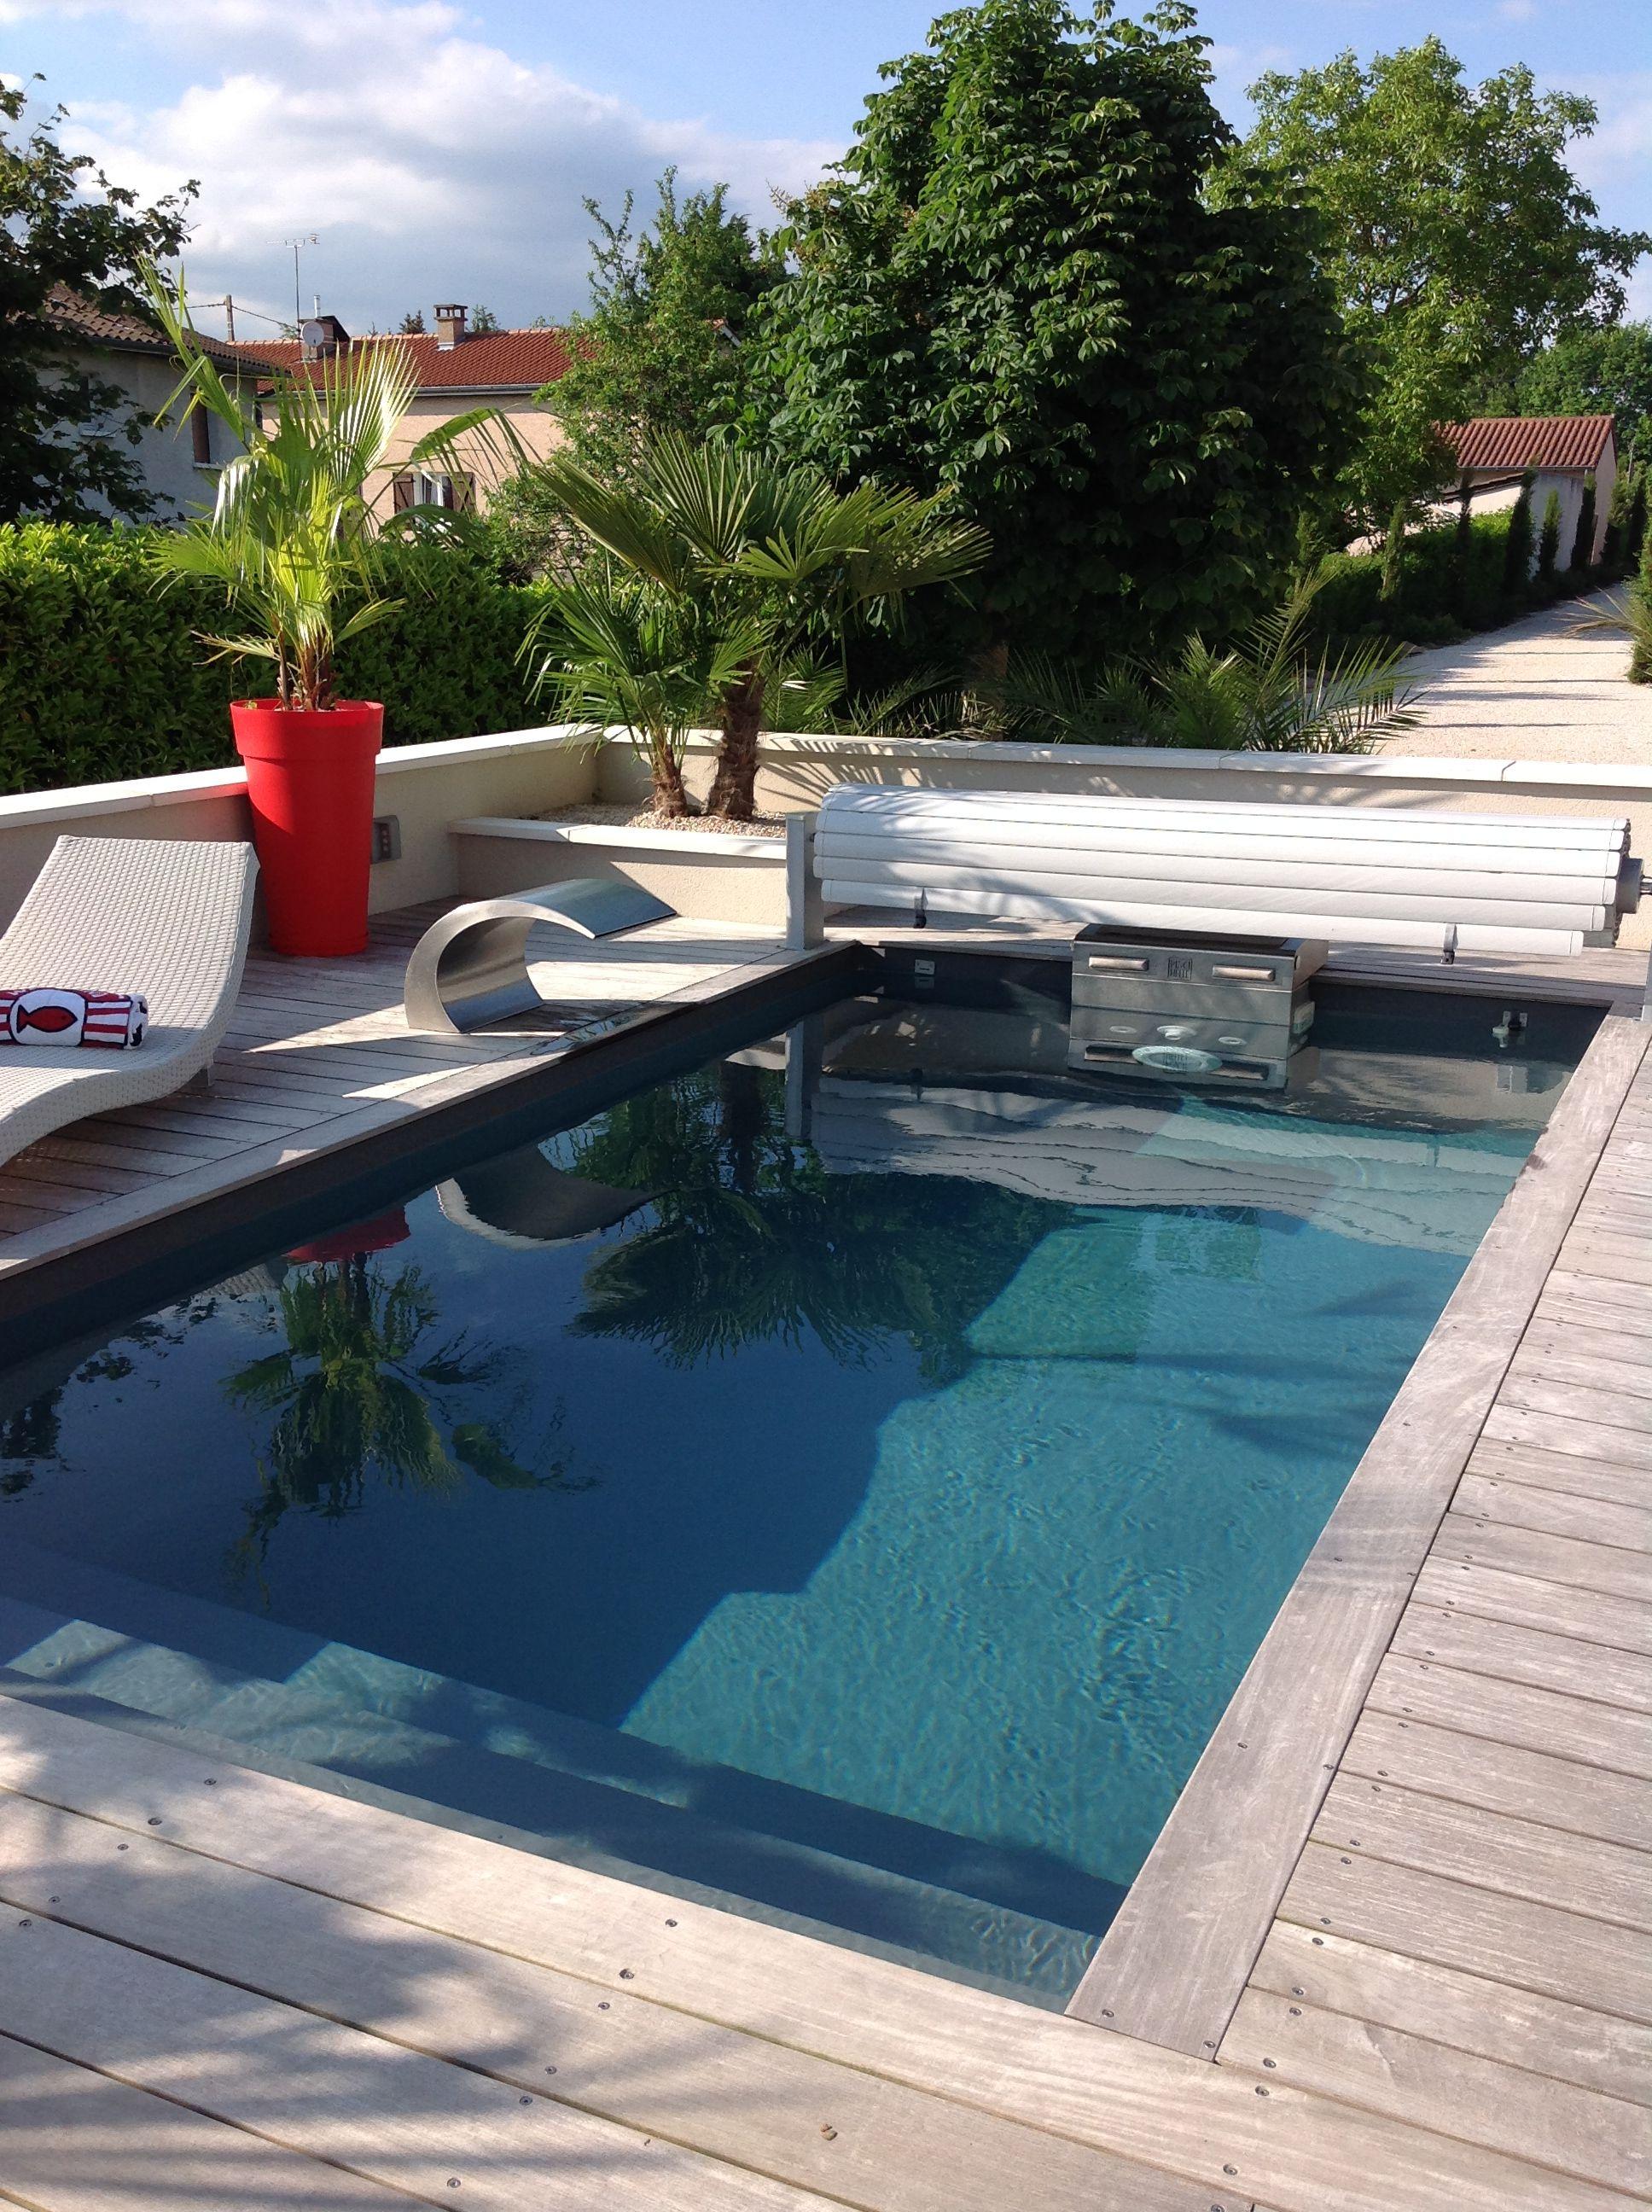 piscine pisicinelle quip e d 39 un bloc technique et d 39 une. Black Bedroom Furniture Sets. Home Design Ideas